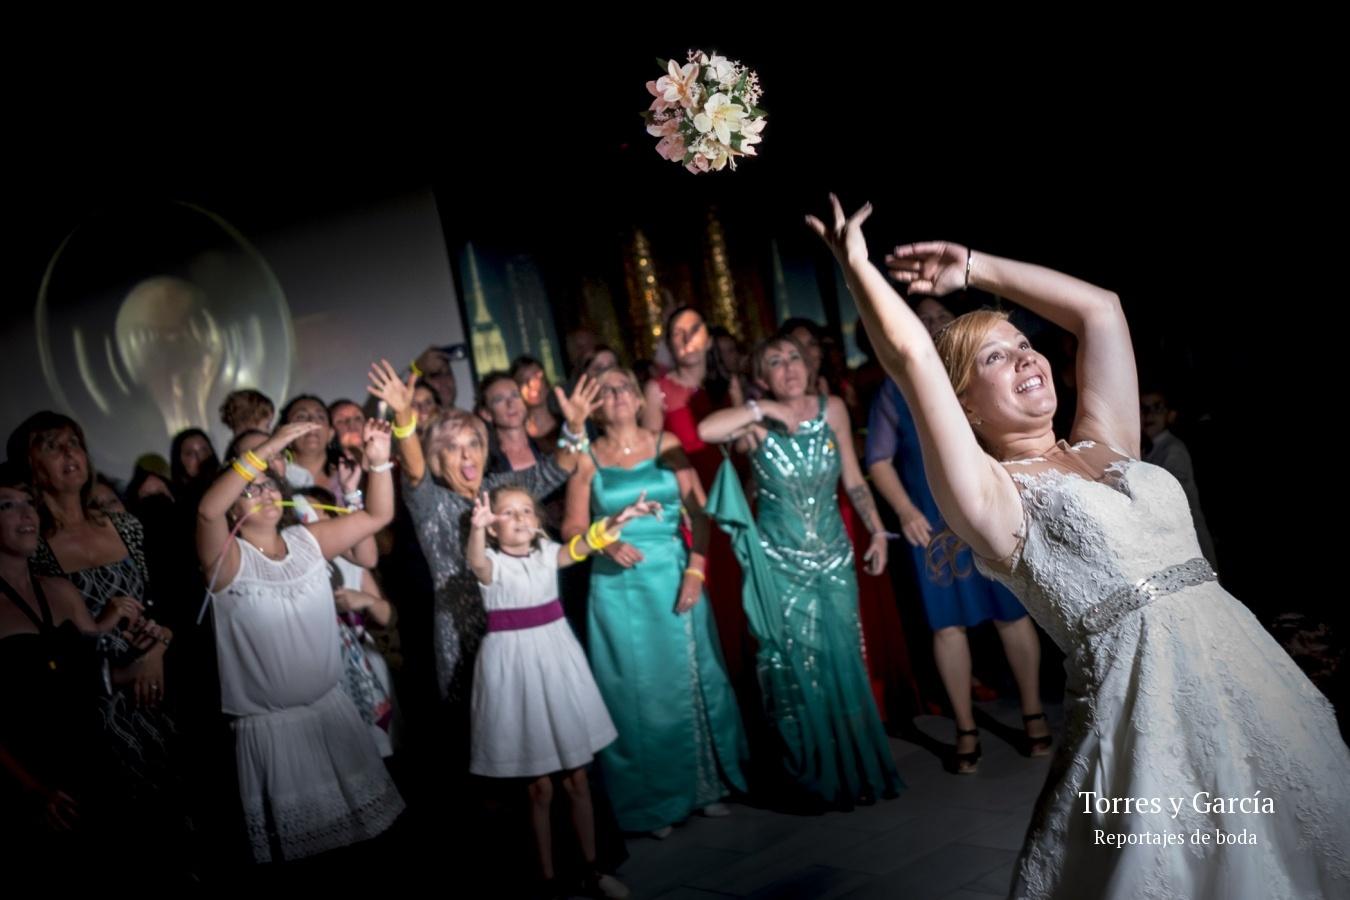 lanzando el ramo de novia - Fotografías - Libros y reportajes de boda diferentes.